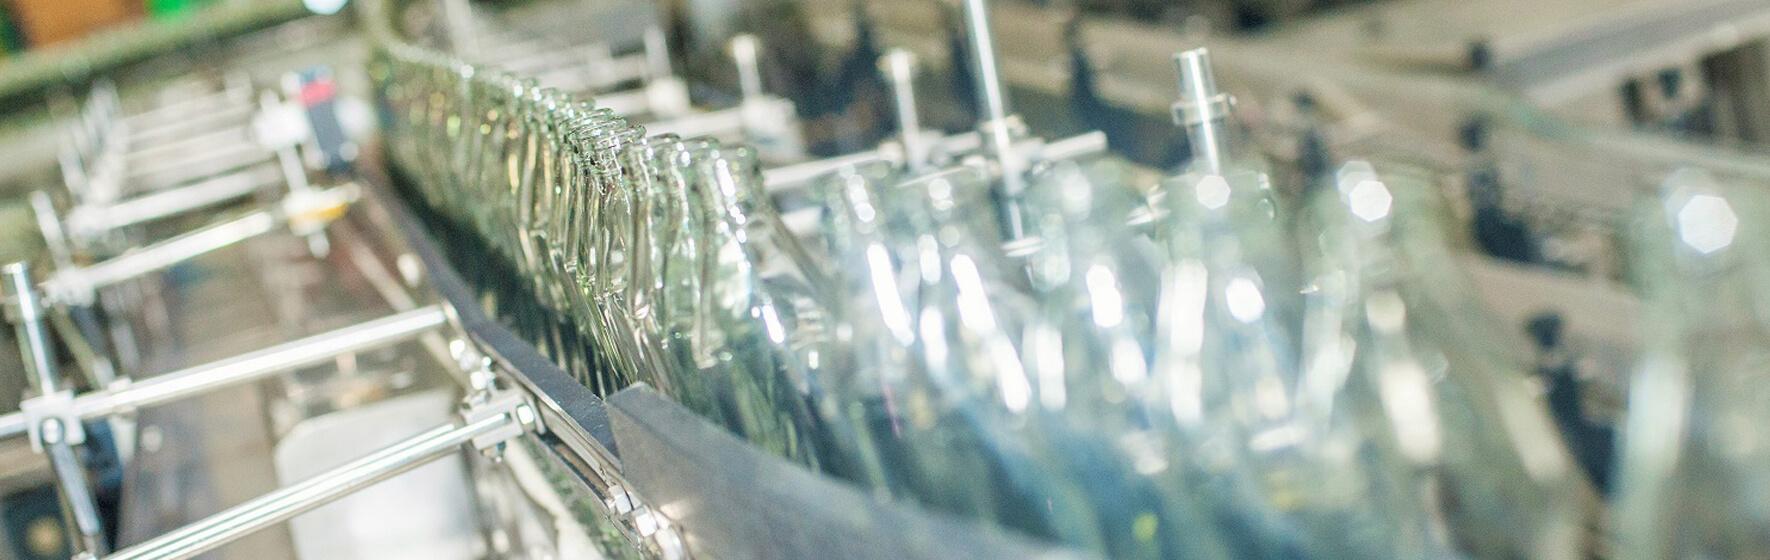 Gasteiner Mineralwasser Produktion